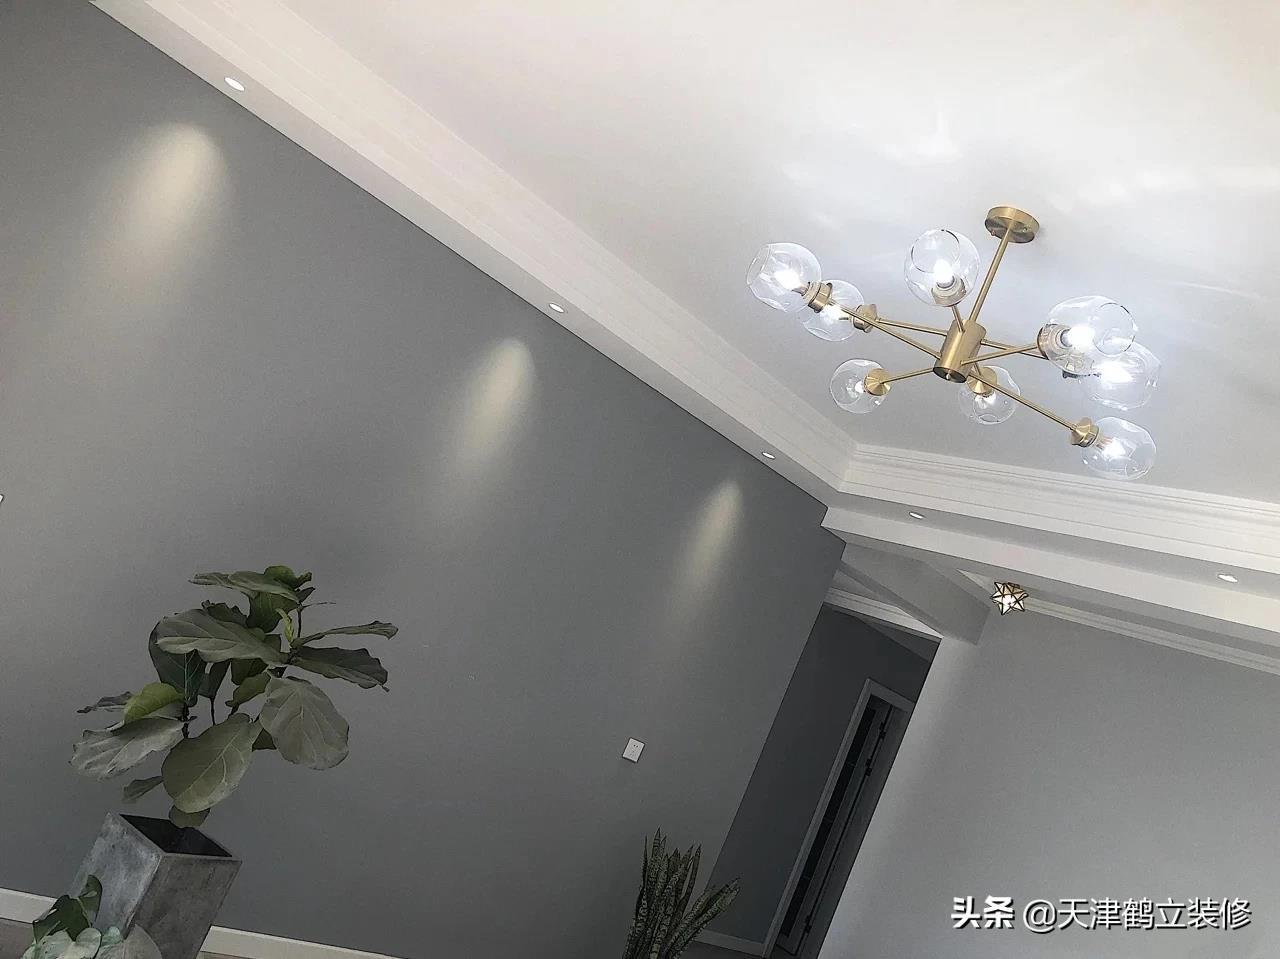 天津鹤立装修——北欧时尚新房硬装完毕,高级灰的高级搭配